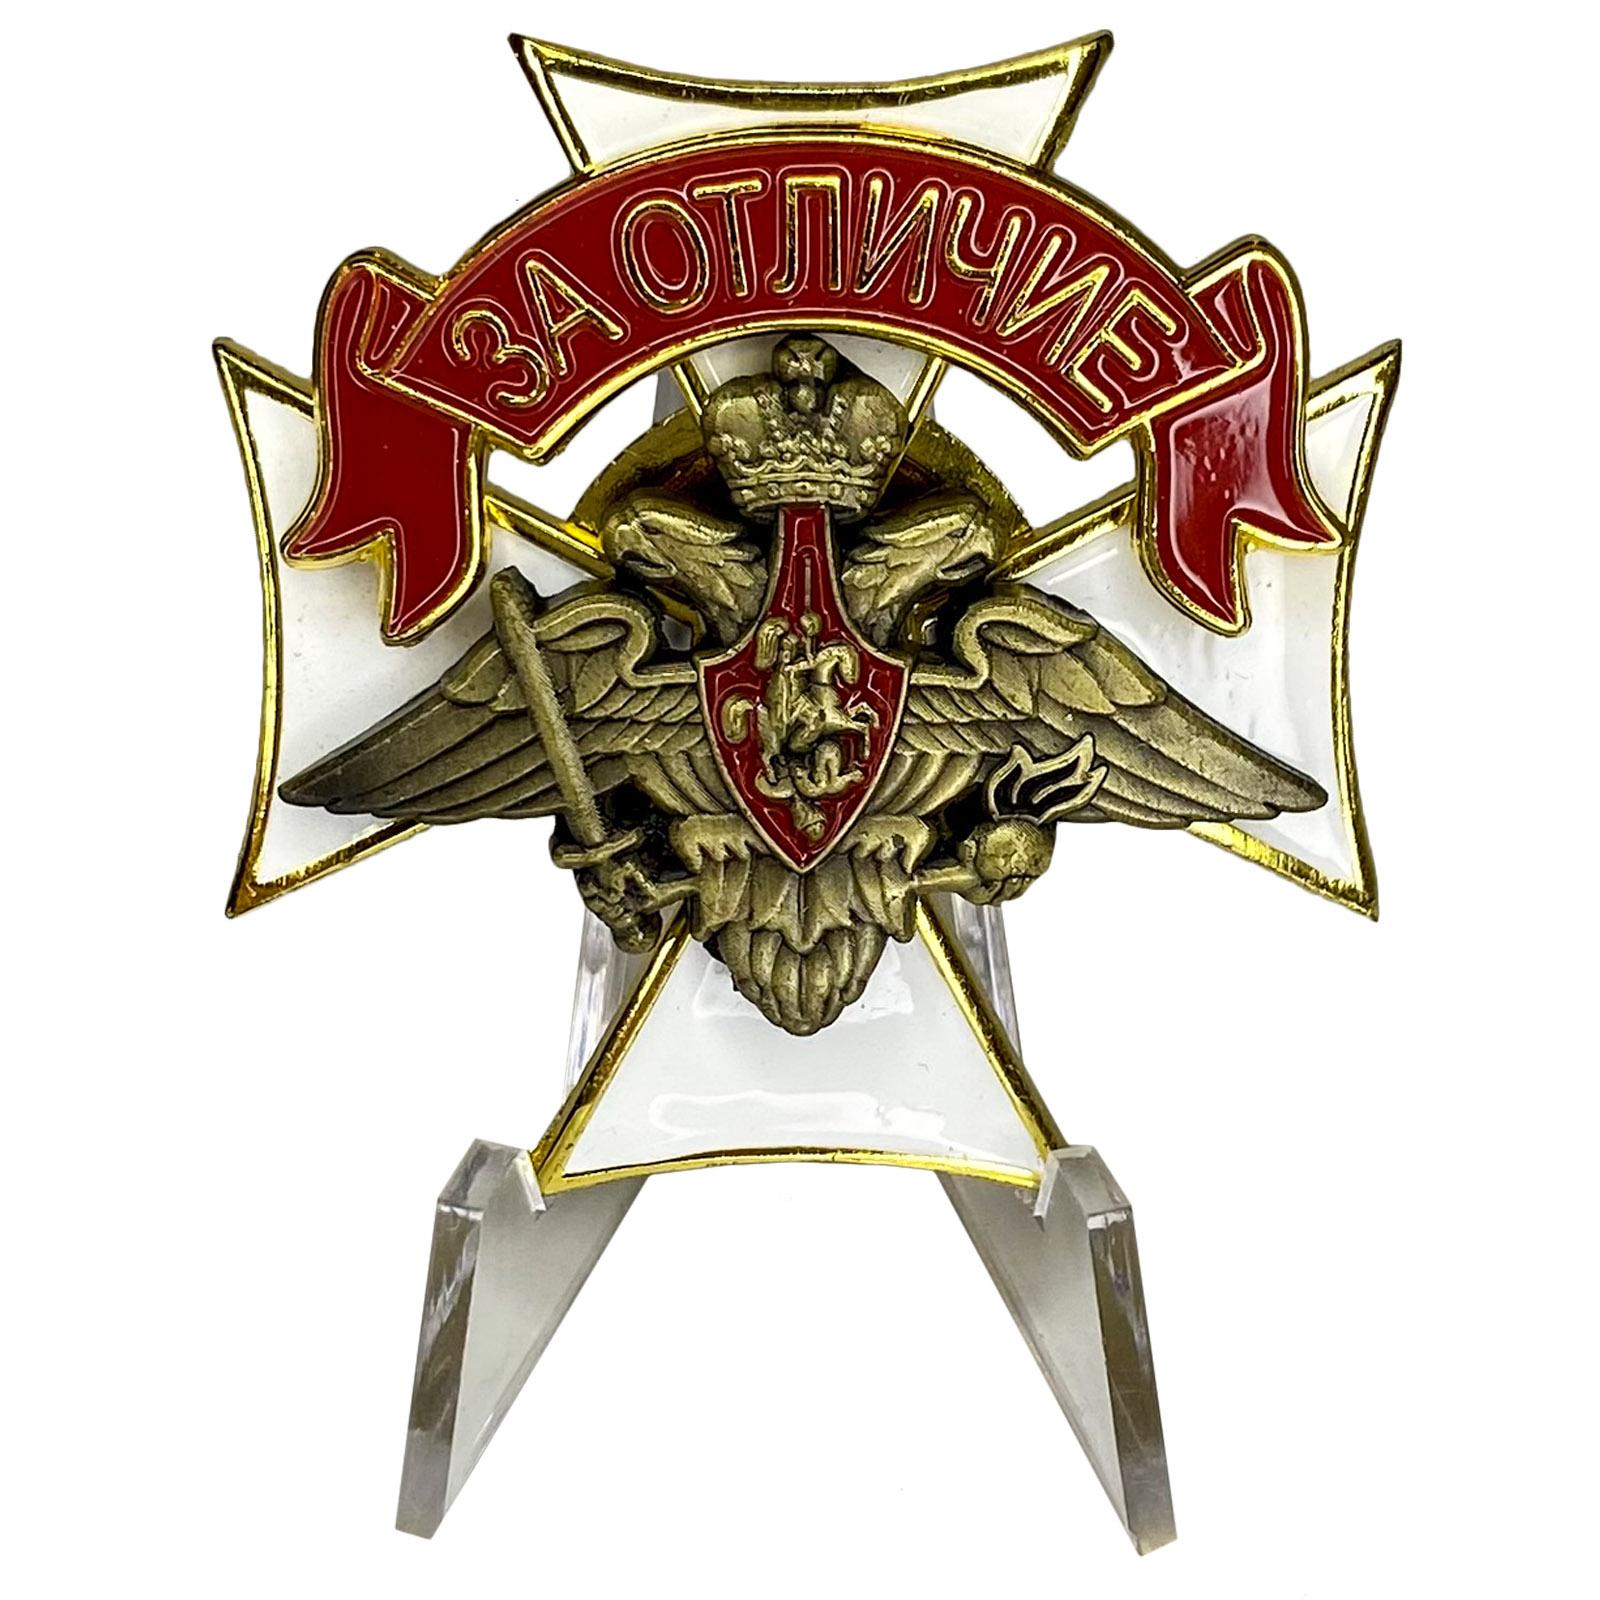 Знак Сухопутных войск За отличие на подставке